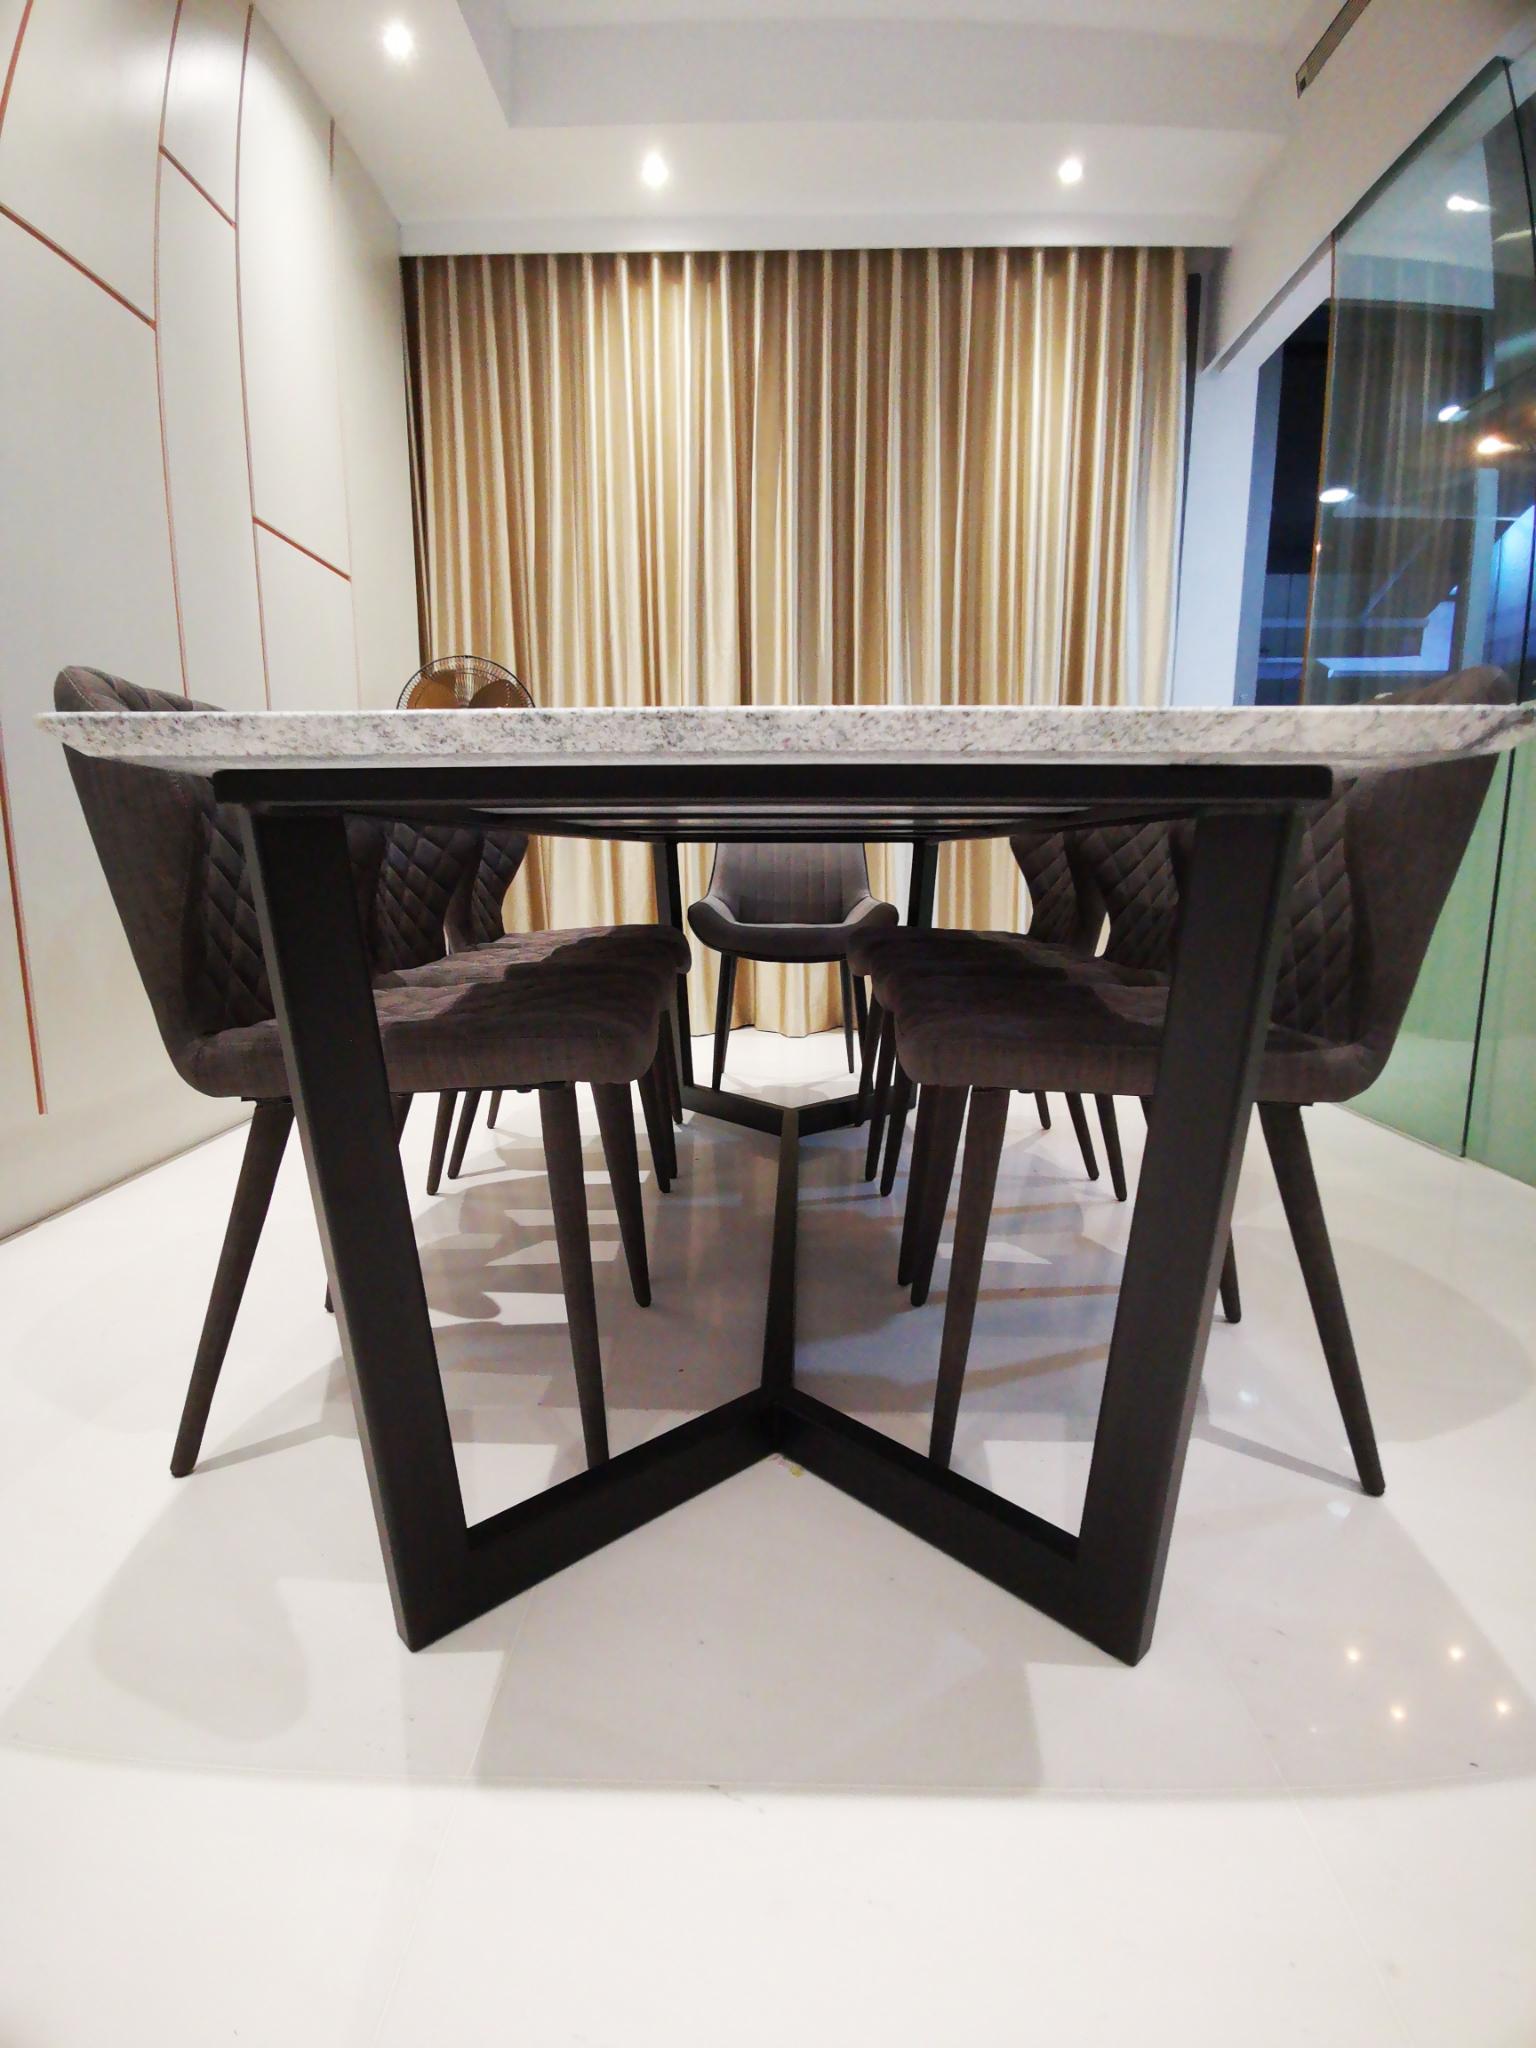 Bianca Granite Table, 2200L x 1000W, Blanco Vis, Polished, Knoll, Steel 38 x 65 (8)